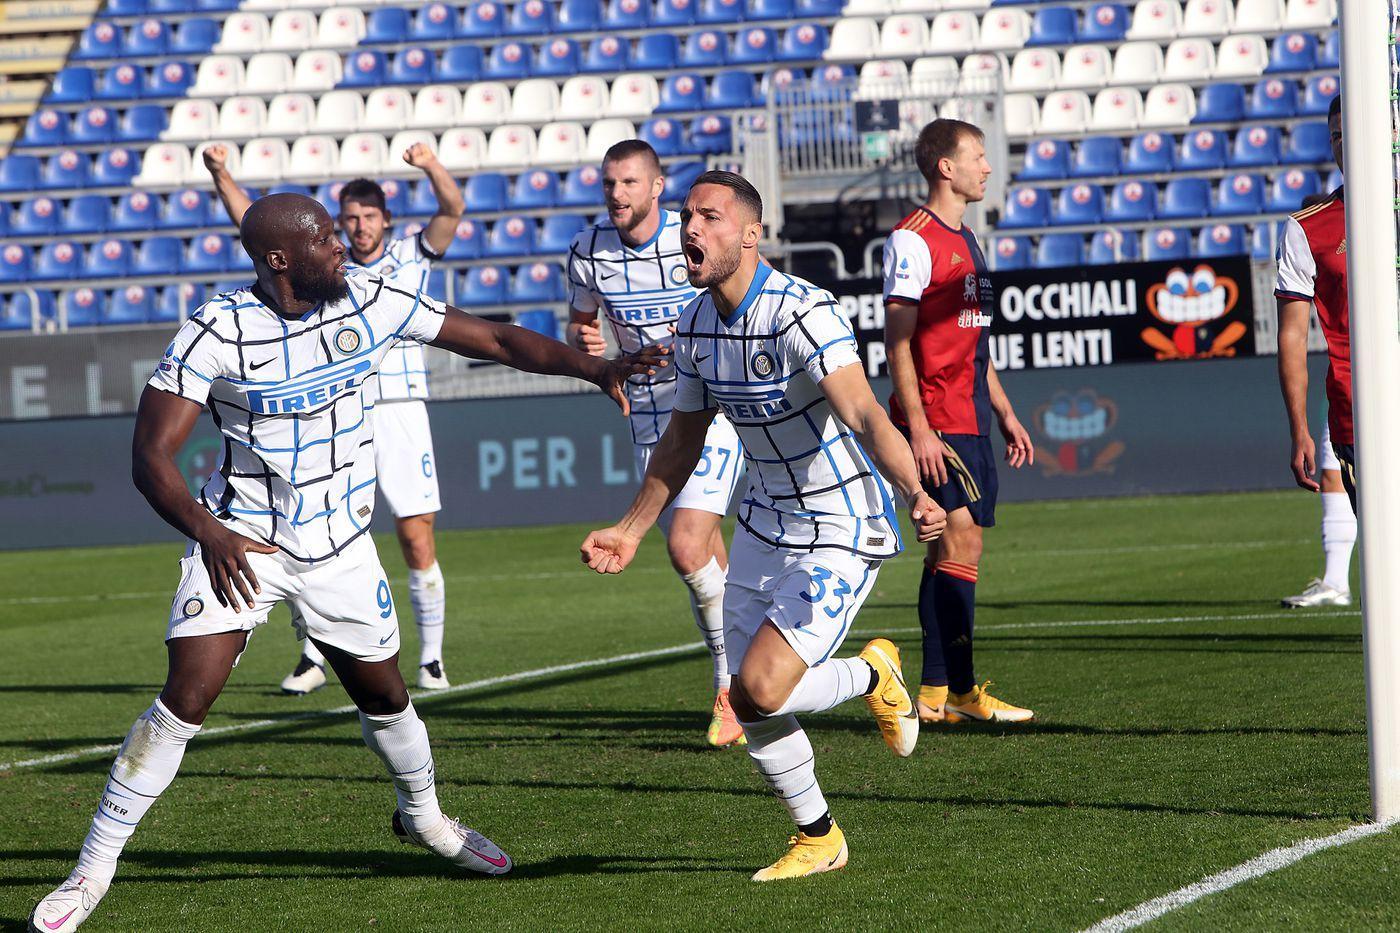 Inter đã đánh bại Cagliari 3-1 ở trận lượt đi mùa giải năm nay